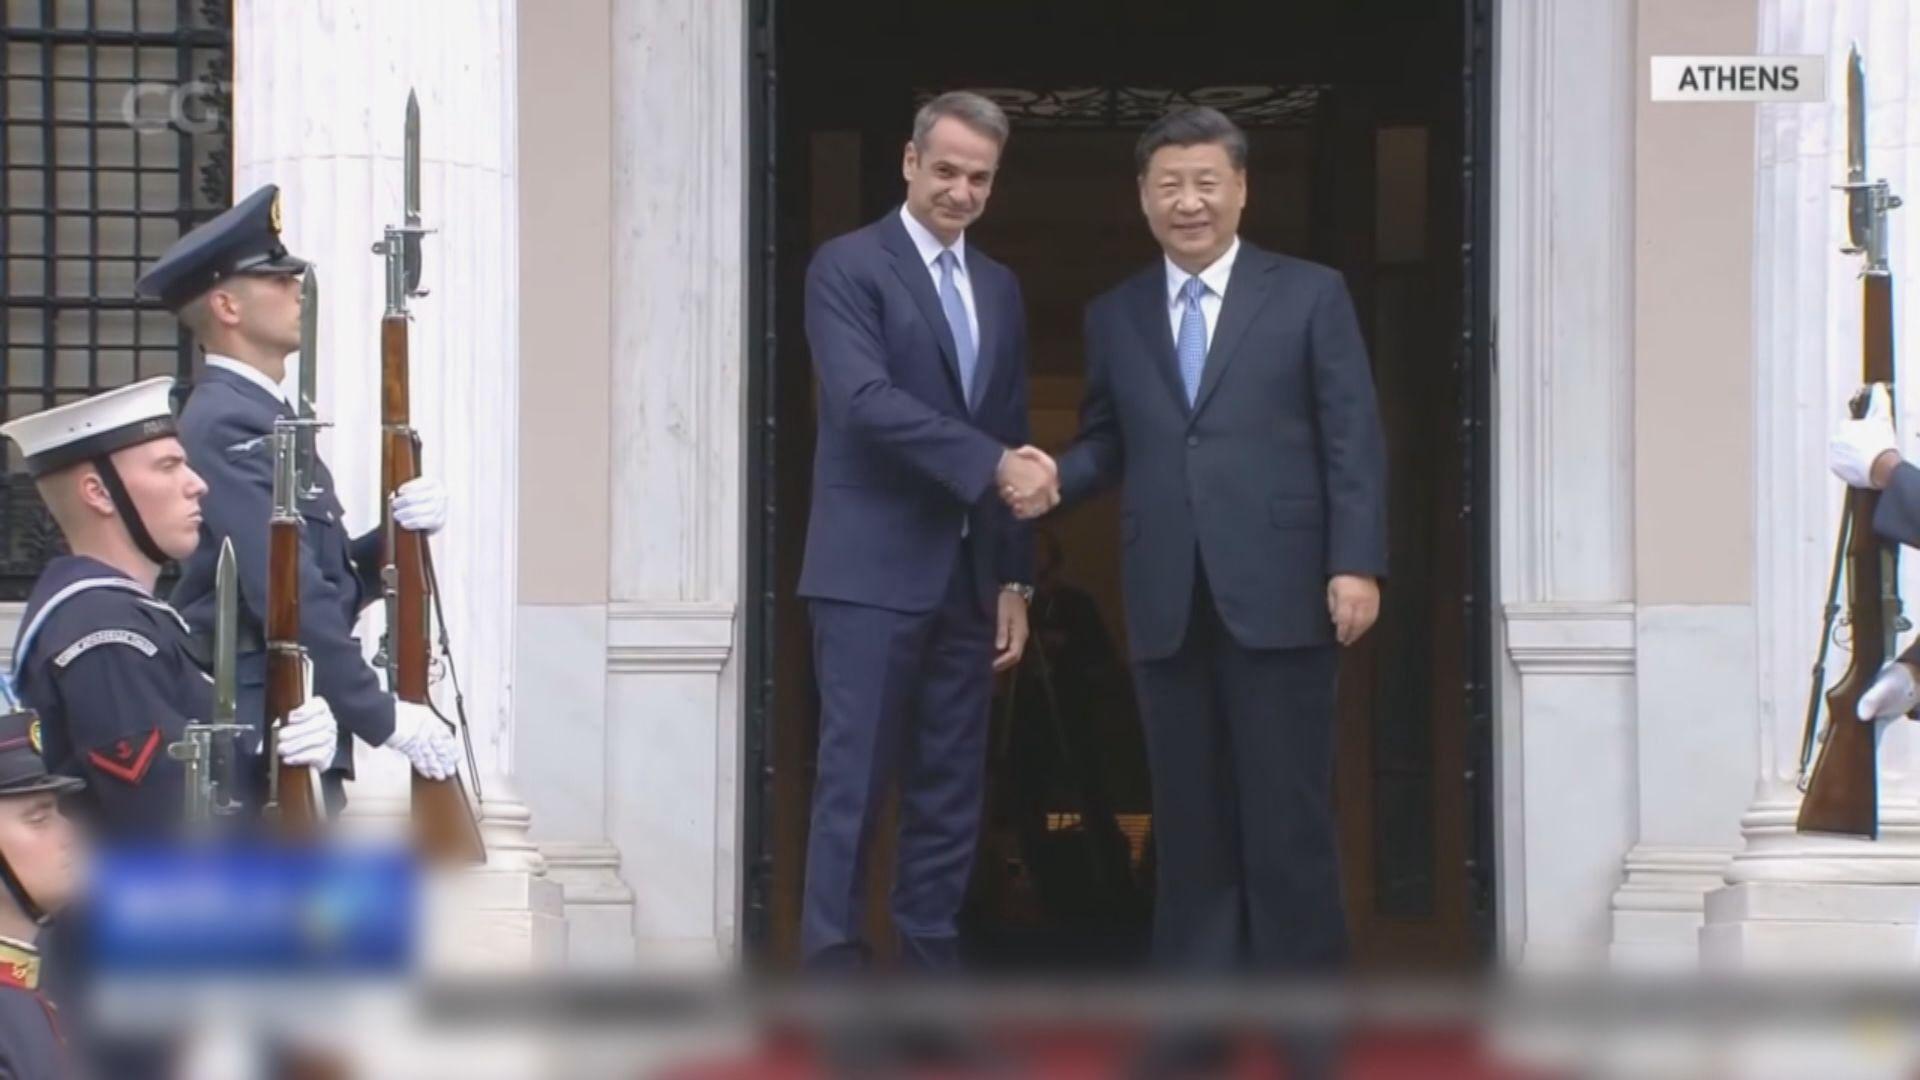 習近平訪希臘會見總統總理